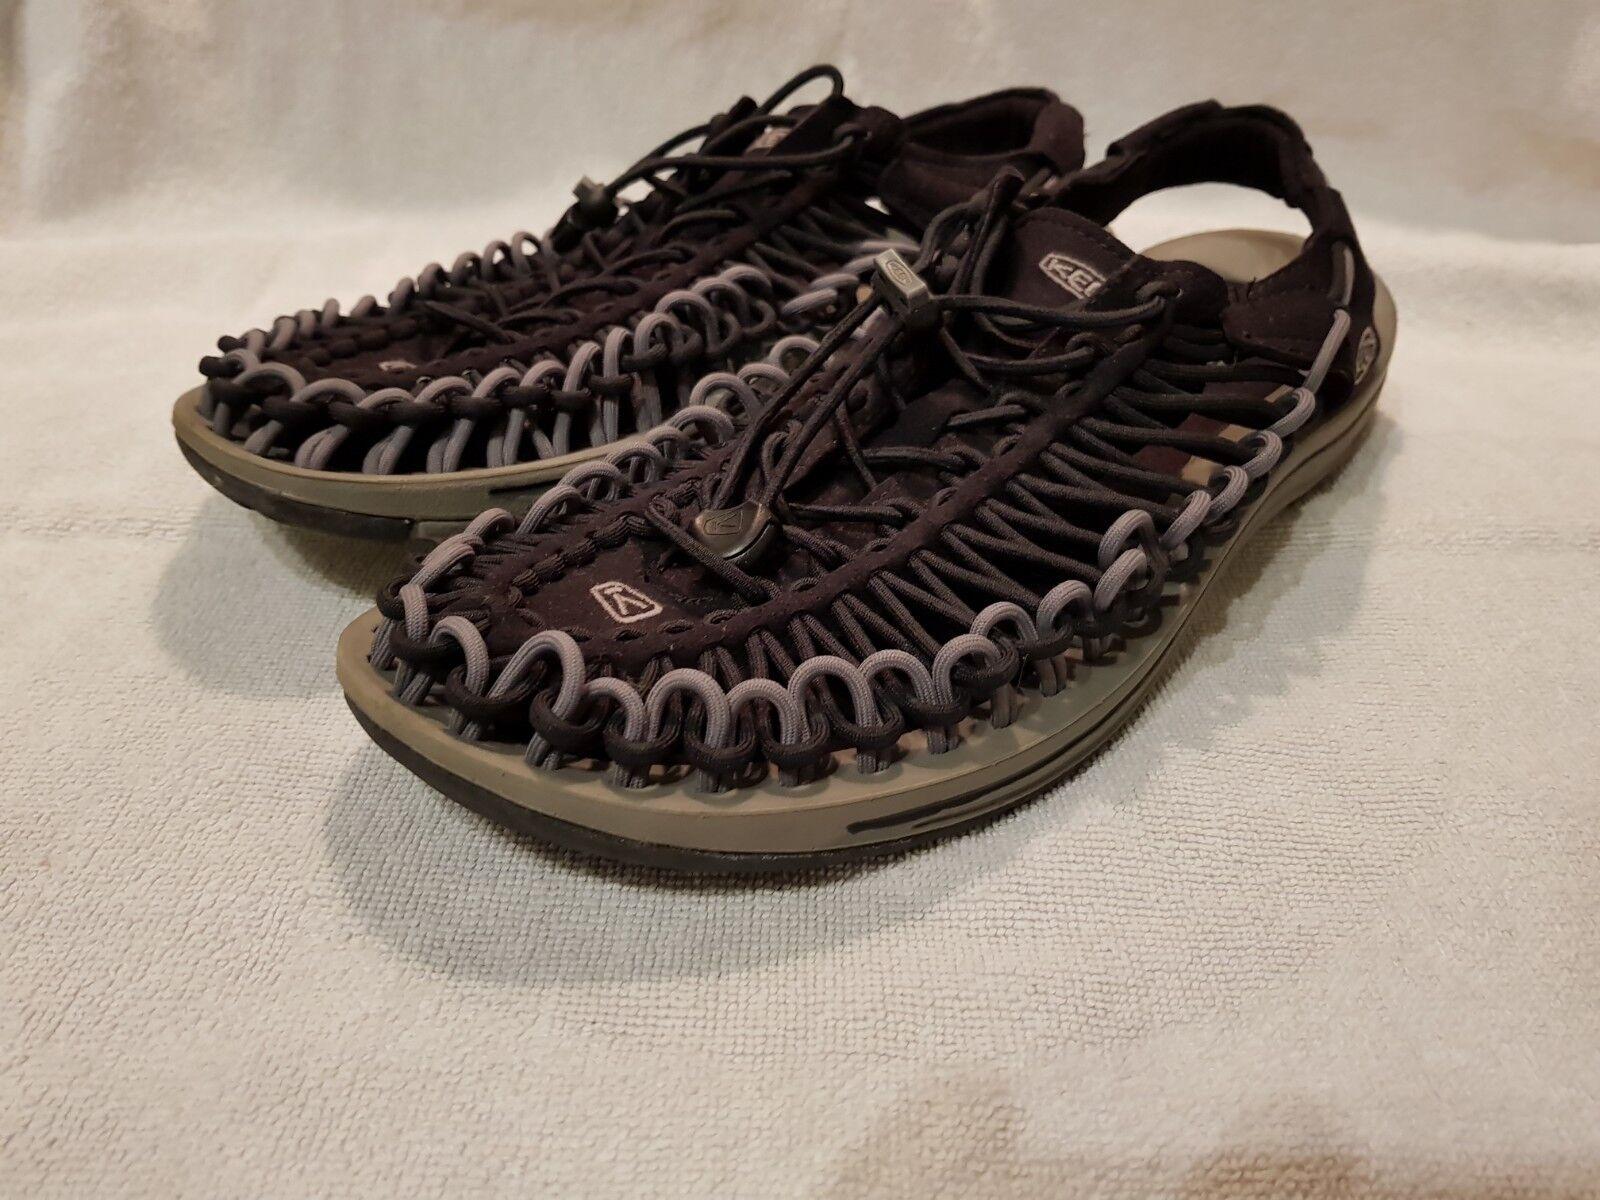 KEEN UNEEK Herren Schuhe Sandale Outdoorsandale Gr. 44,5   US 11   UK 10   CM 29